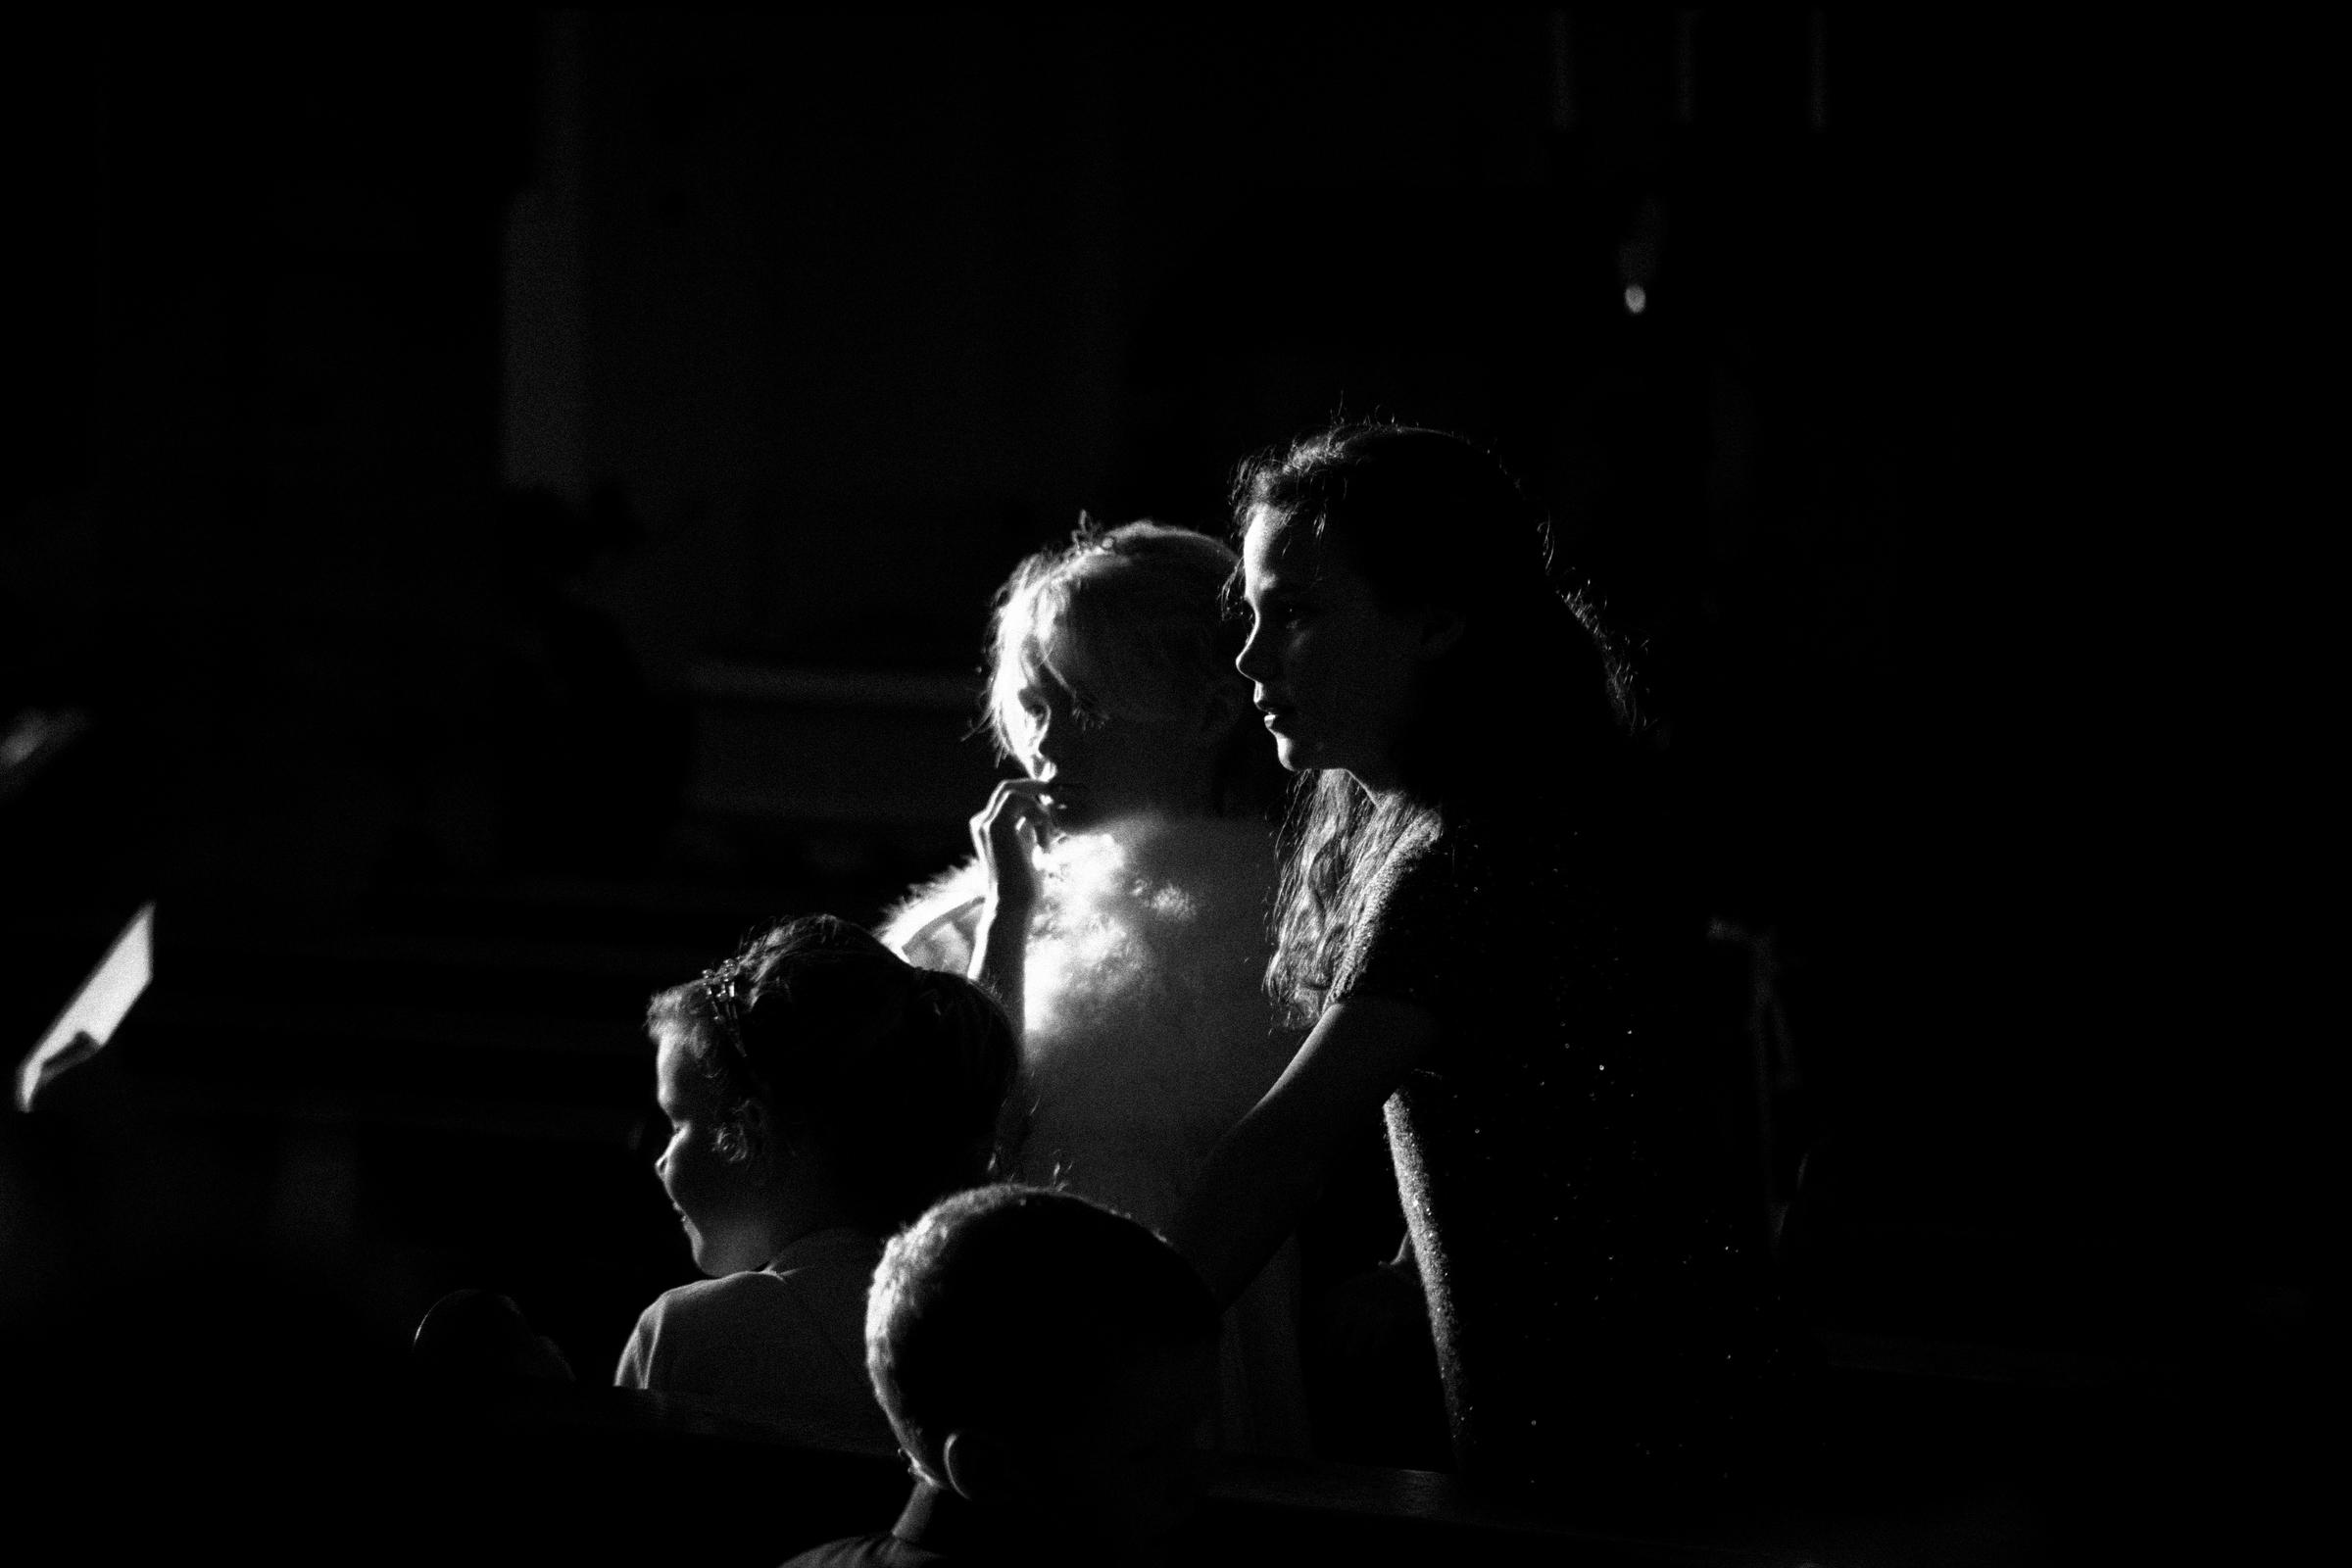 Moody portrait of kids in low key light by Jeff Ascough